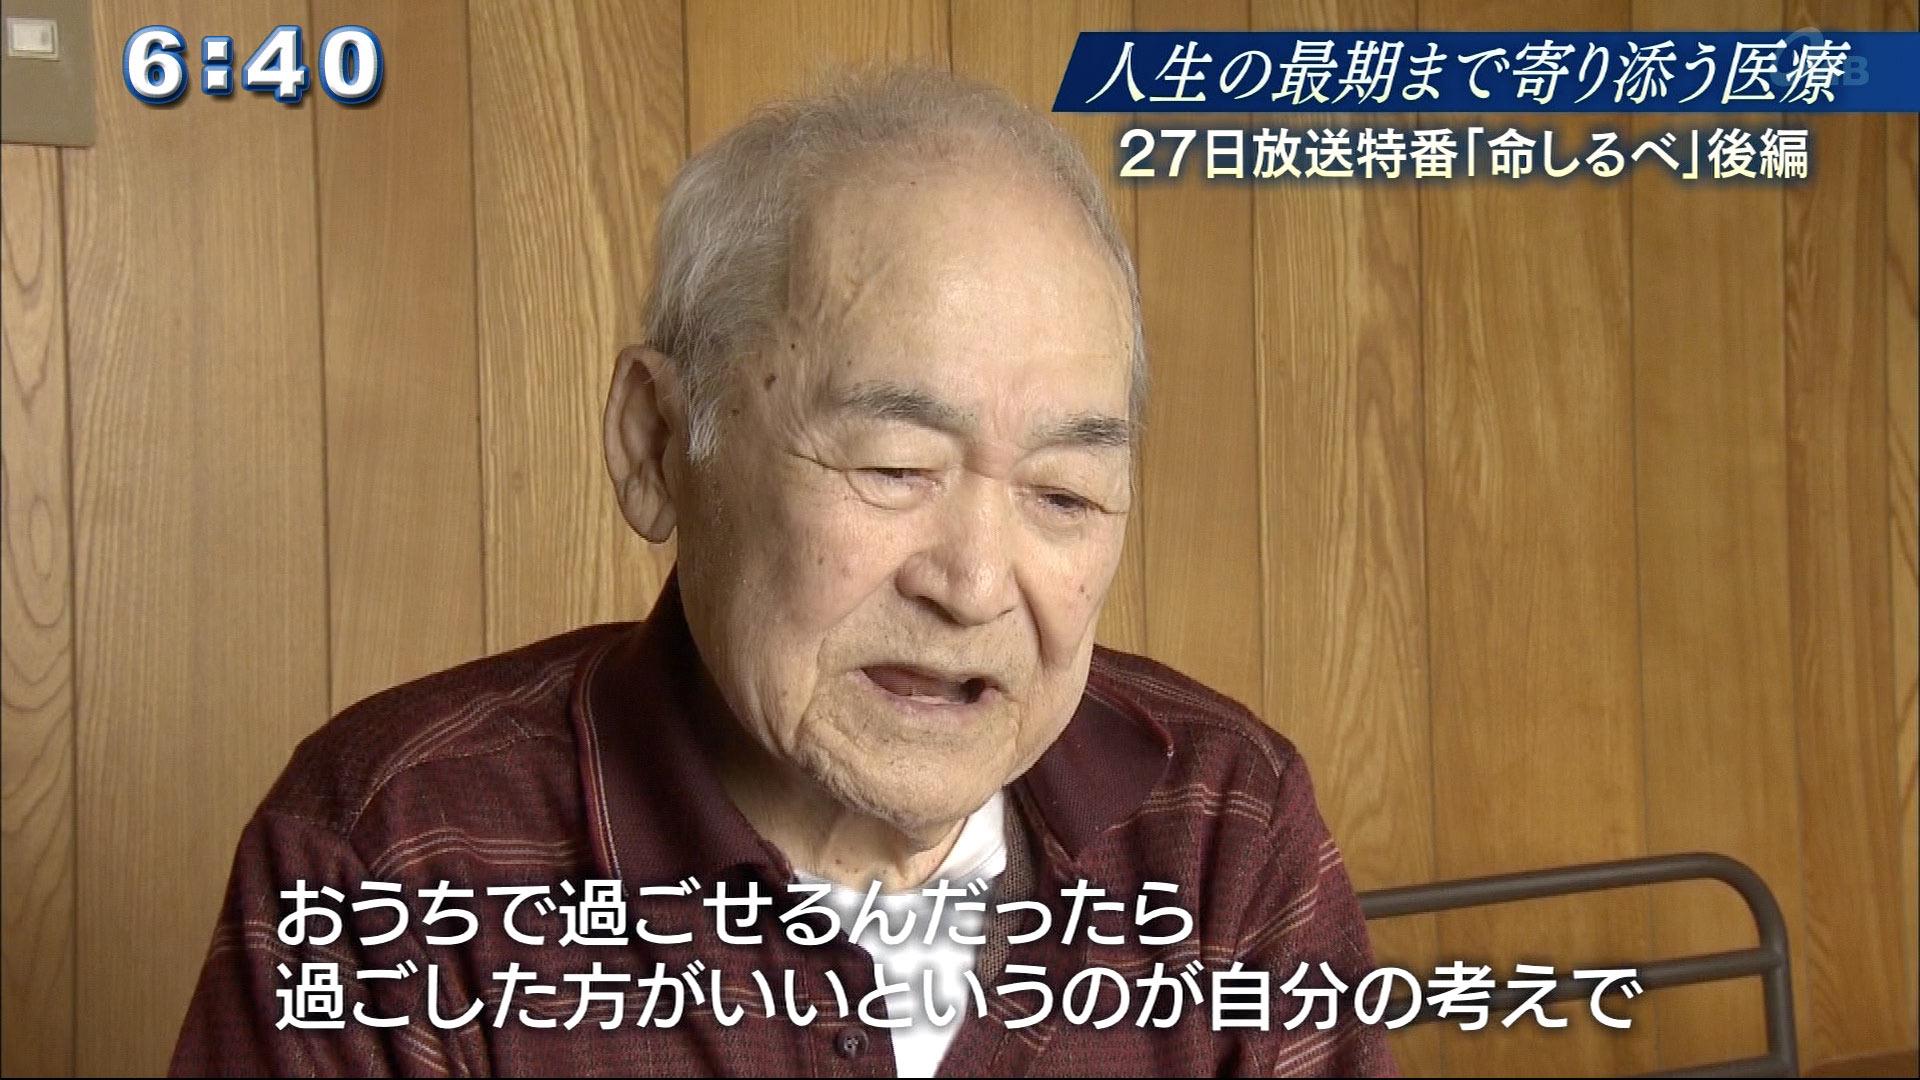 新垣さん「病気をしたからにはお医者さんに任せるのが順当だろうという考えは一応持ってはいたんですよね。」